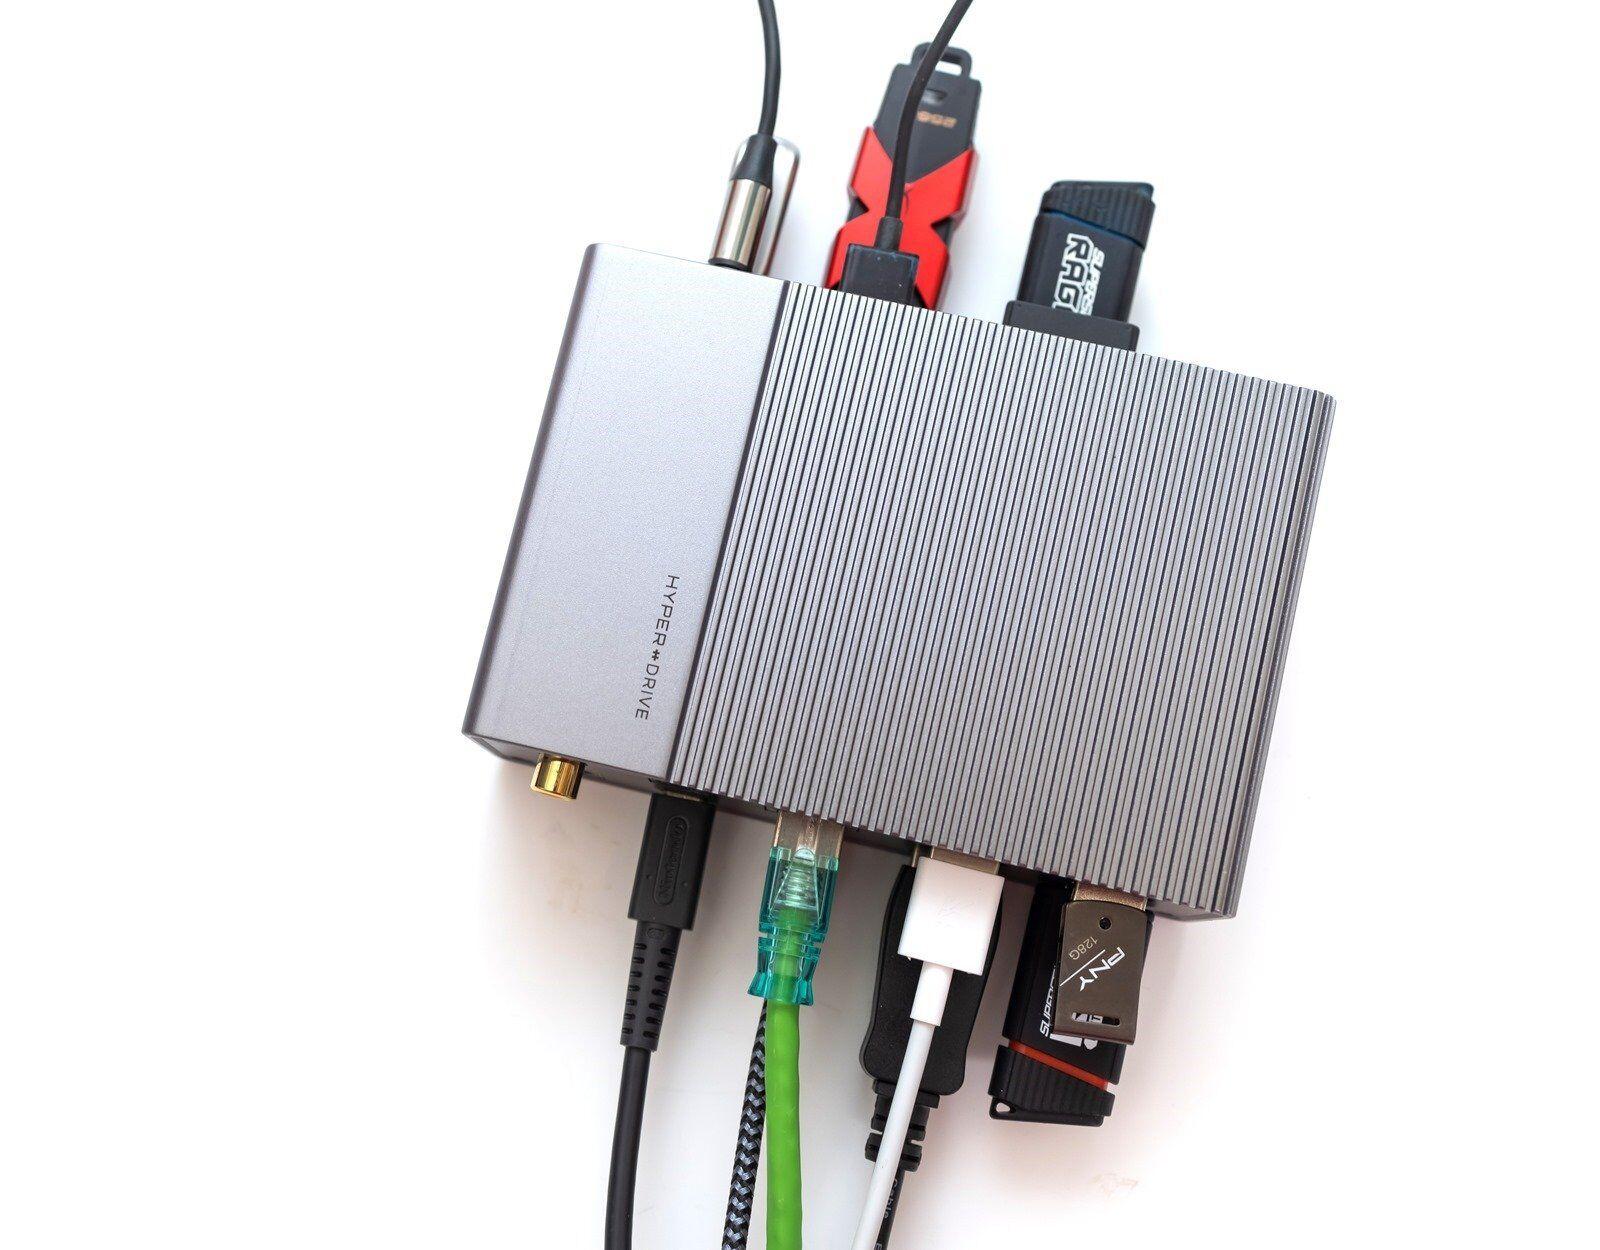 神級!HyperDrive 專業工作站機種 Gen 2 USB C 系列/ 4 IN 1 專業好入手輕便 USB C HUB @3C 達人廖阿輝